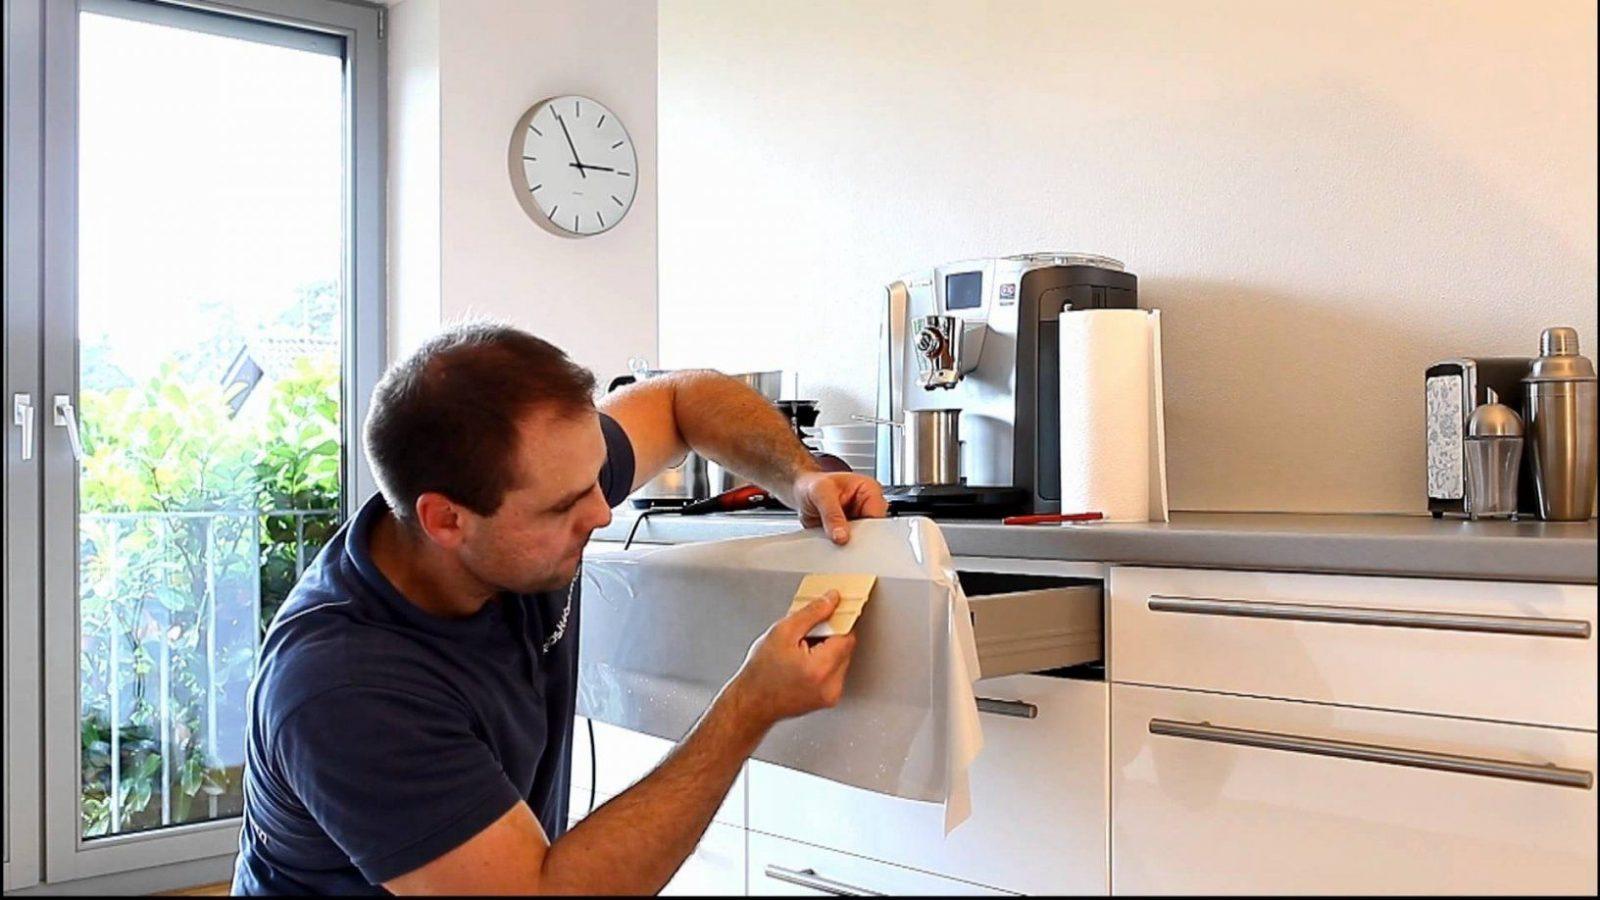 Küche Folieren Lassen Kosten  Home Decoration Ideas von Küche Folieren Lassen Kosten Photo